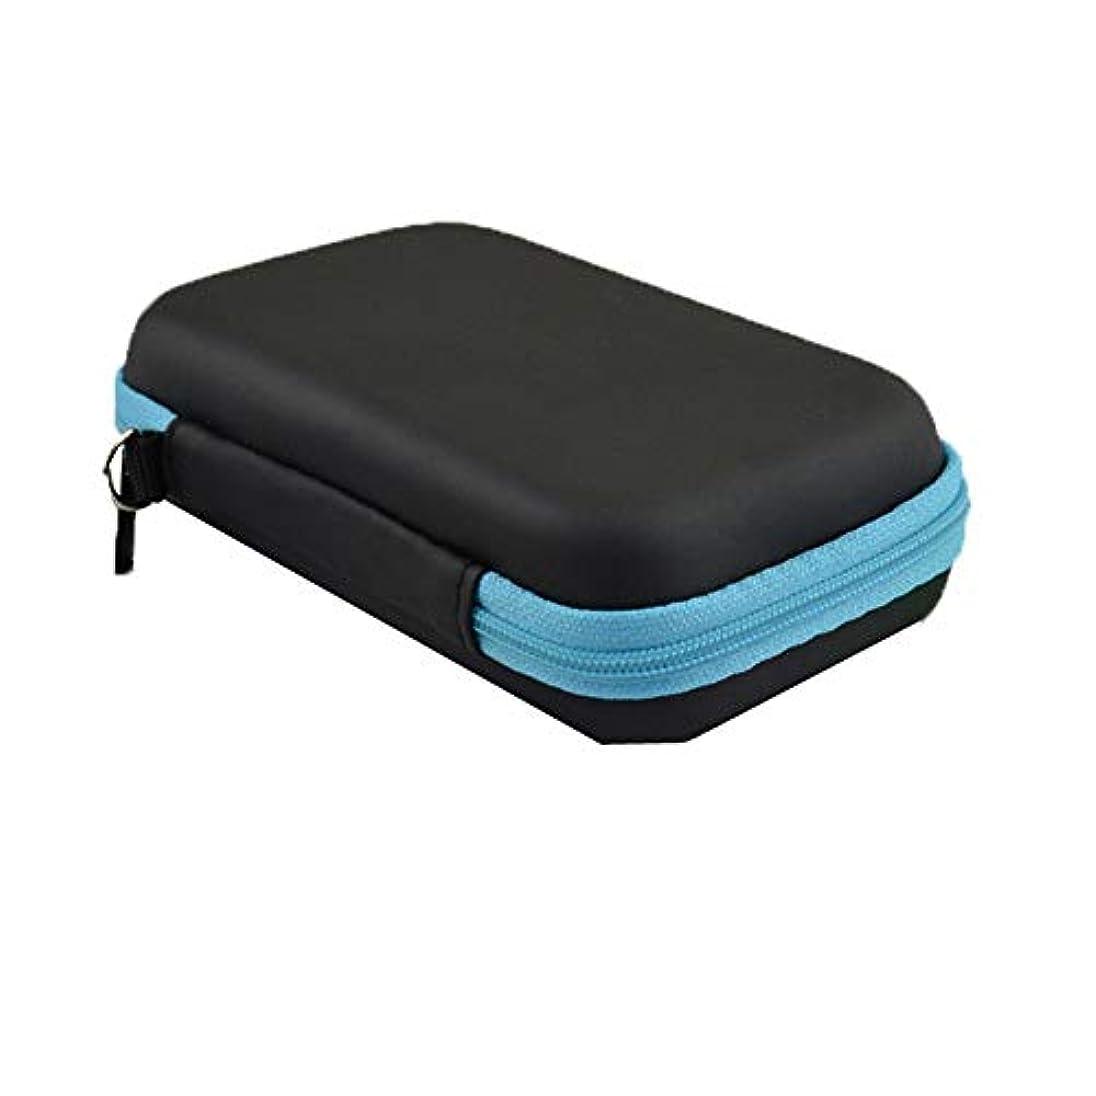 期限切れあそこアカデミーエッセンシャルオイルストレージボックス エッセンシャルオイルキャリングケースハードシェルエクステリアストレージオーガナイザーは1-3MLエッセンシャルオイルブルーを開催します 旅行およびプレゼンテーション用 (色 : 青, サイズ : 12X7.5X4CM)